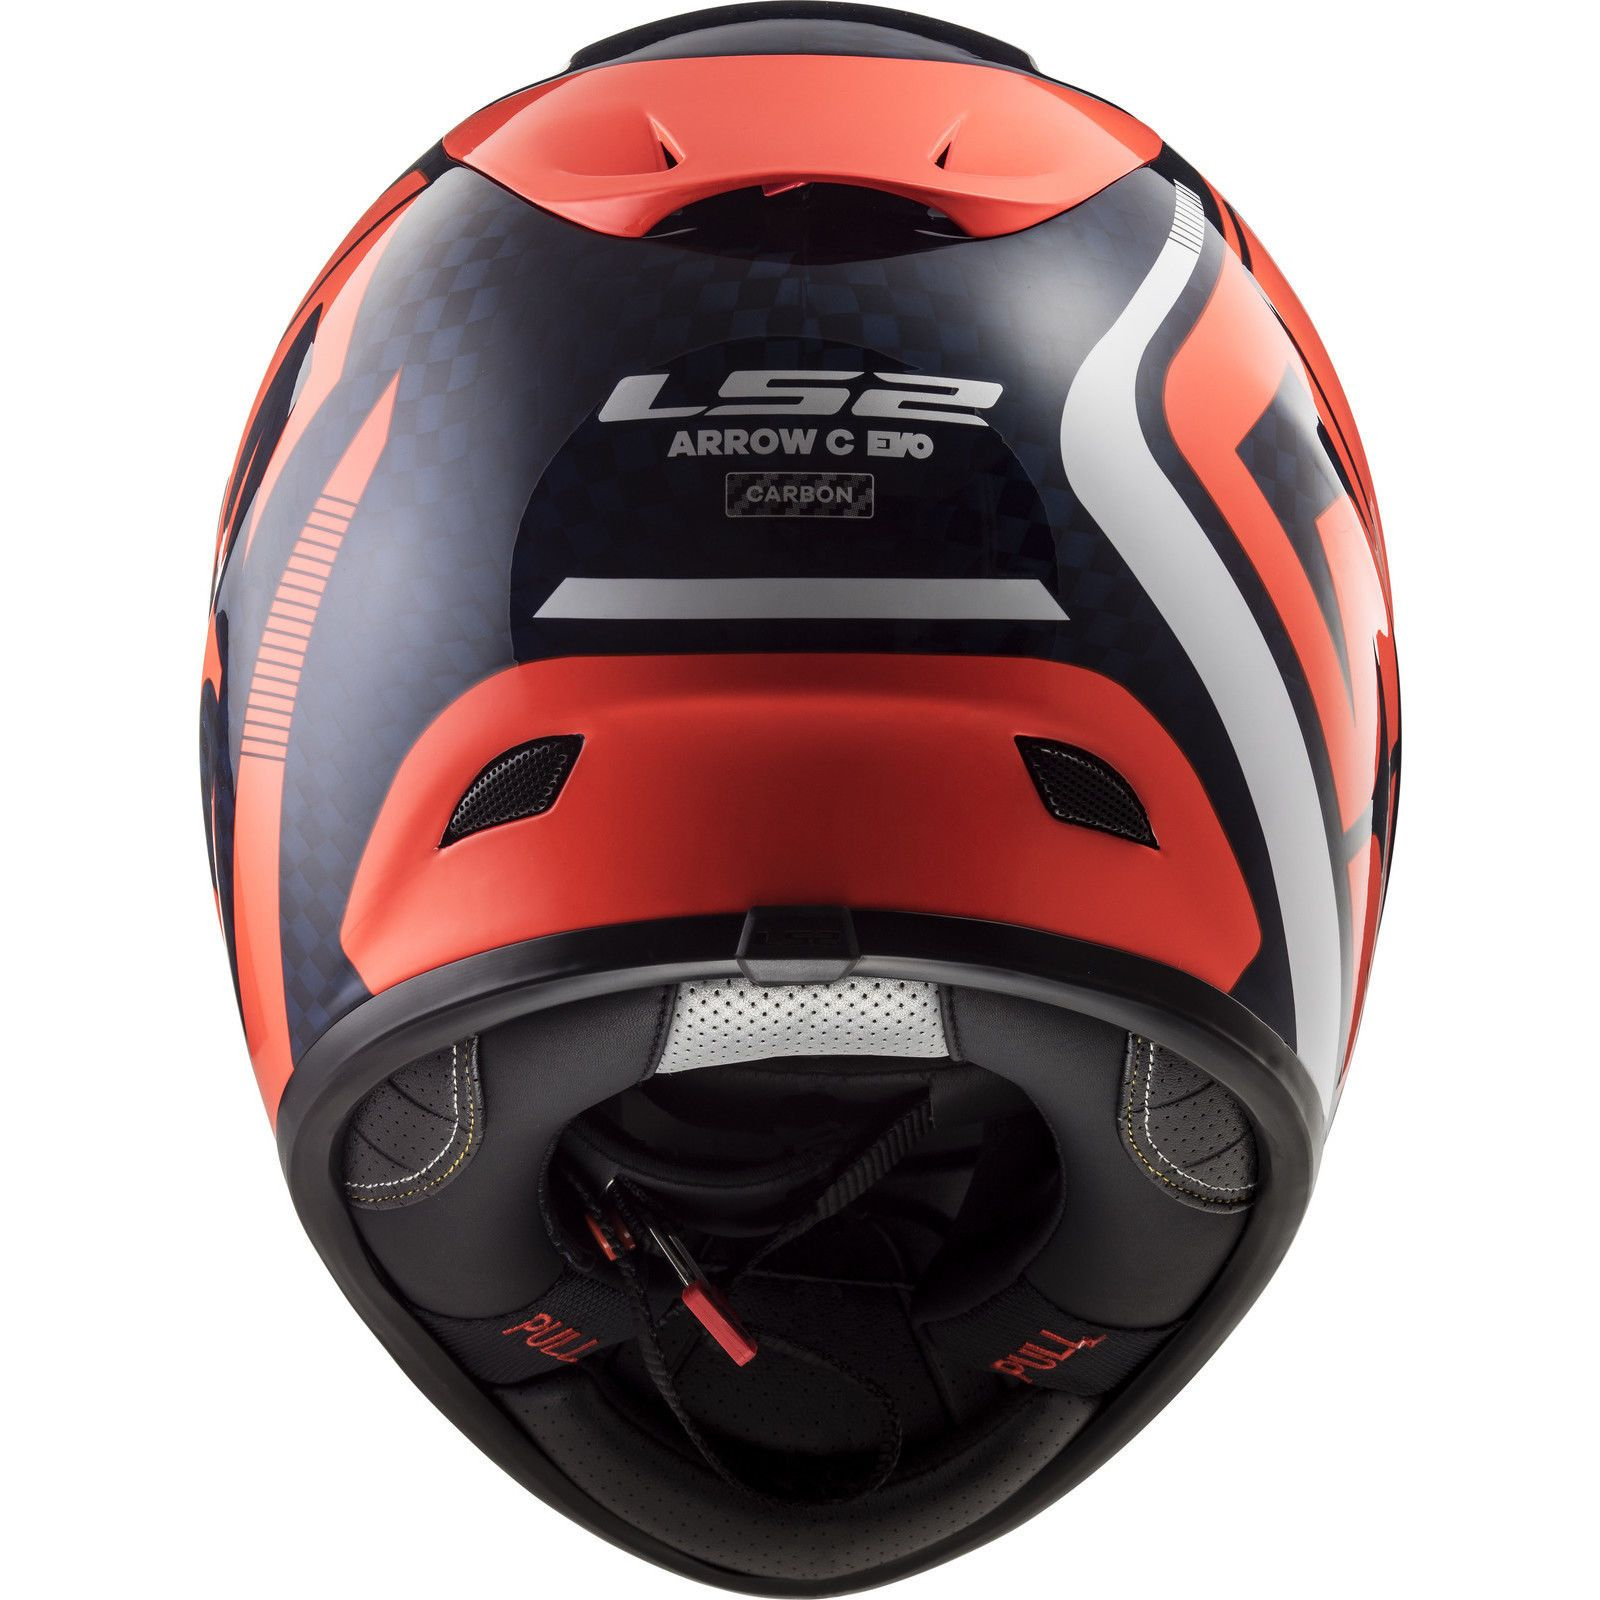 Capacete LS2 FF323 Arrow C Evo Sting  - Nova Centro Boutique Roupas para Motociclistas